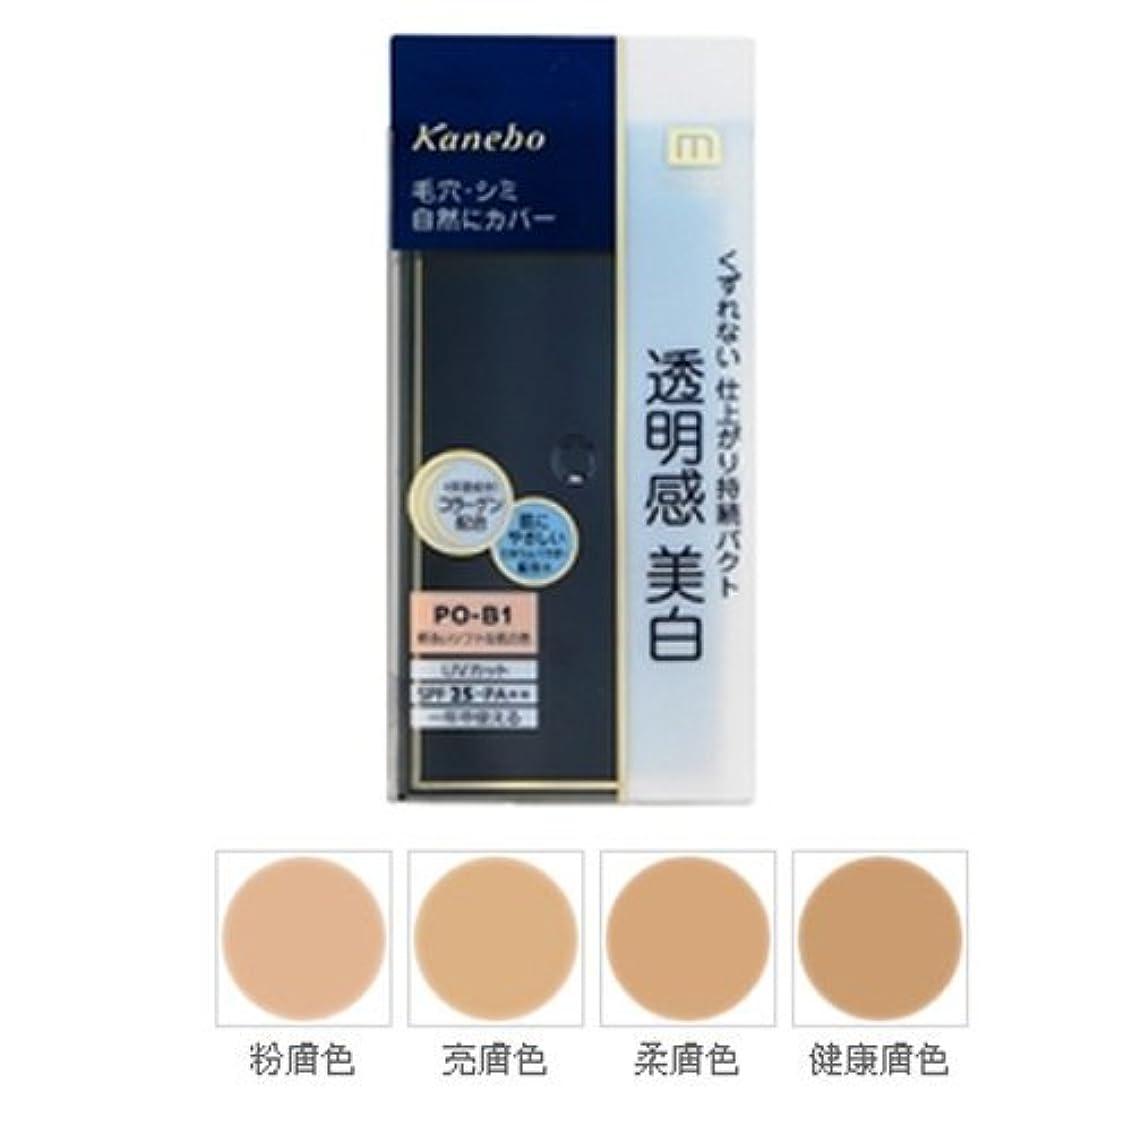 岸チーフ主カネボウ メディア(media)ホワイトニングパクトA III カラー:OC-E1